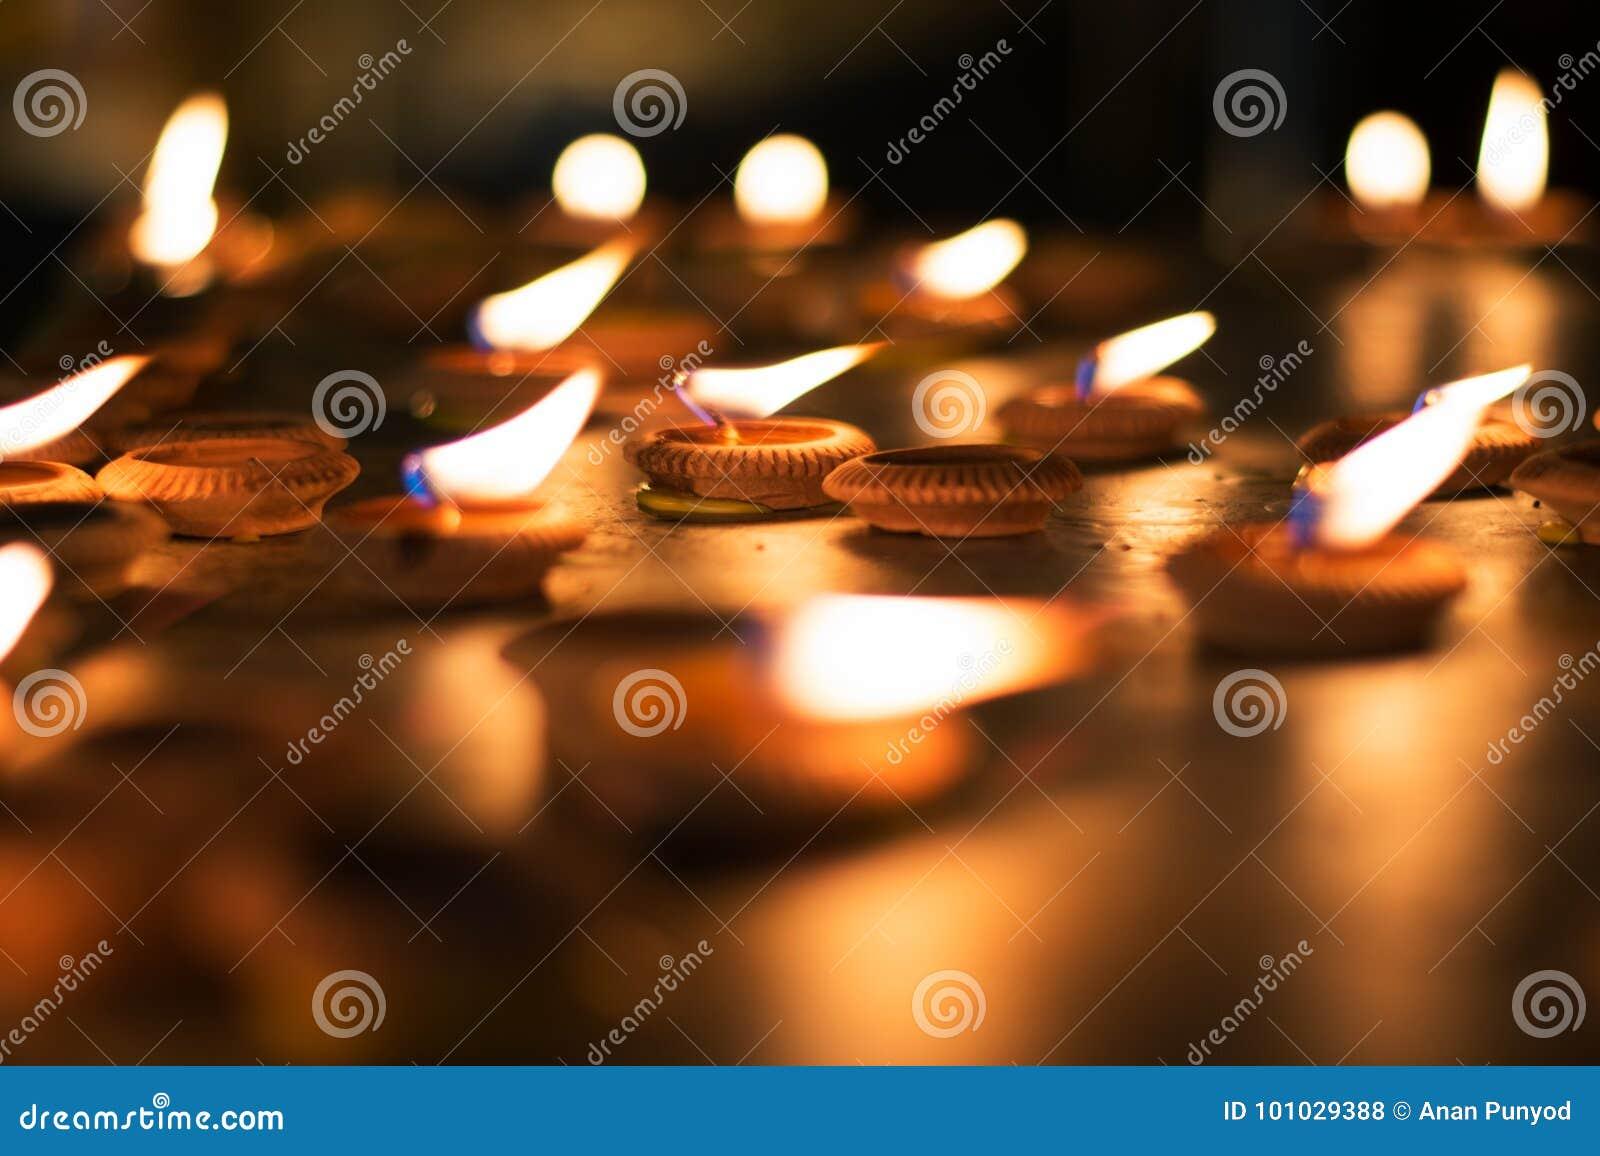 Zamyka w górę żarówek lub Zaświecającej świeczki uwielbiać Buddha w nighttime